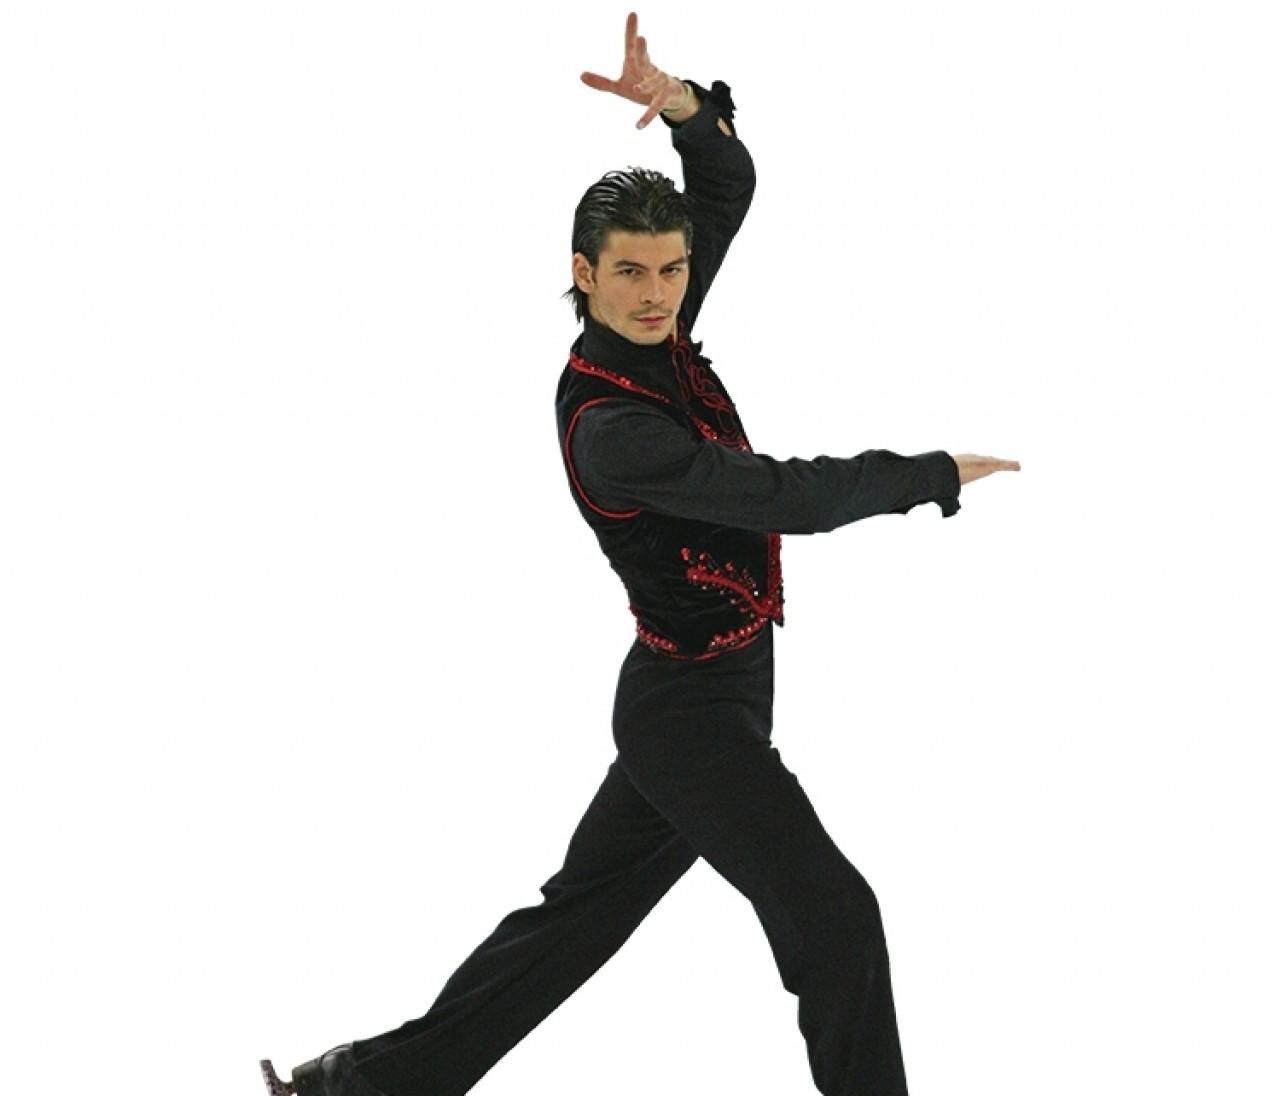 【ステファン・ランビエール】羽生結弦、宇野昌磨…日本のフィギュアスケート選手との交友録&蔵出しショットを公開!